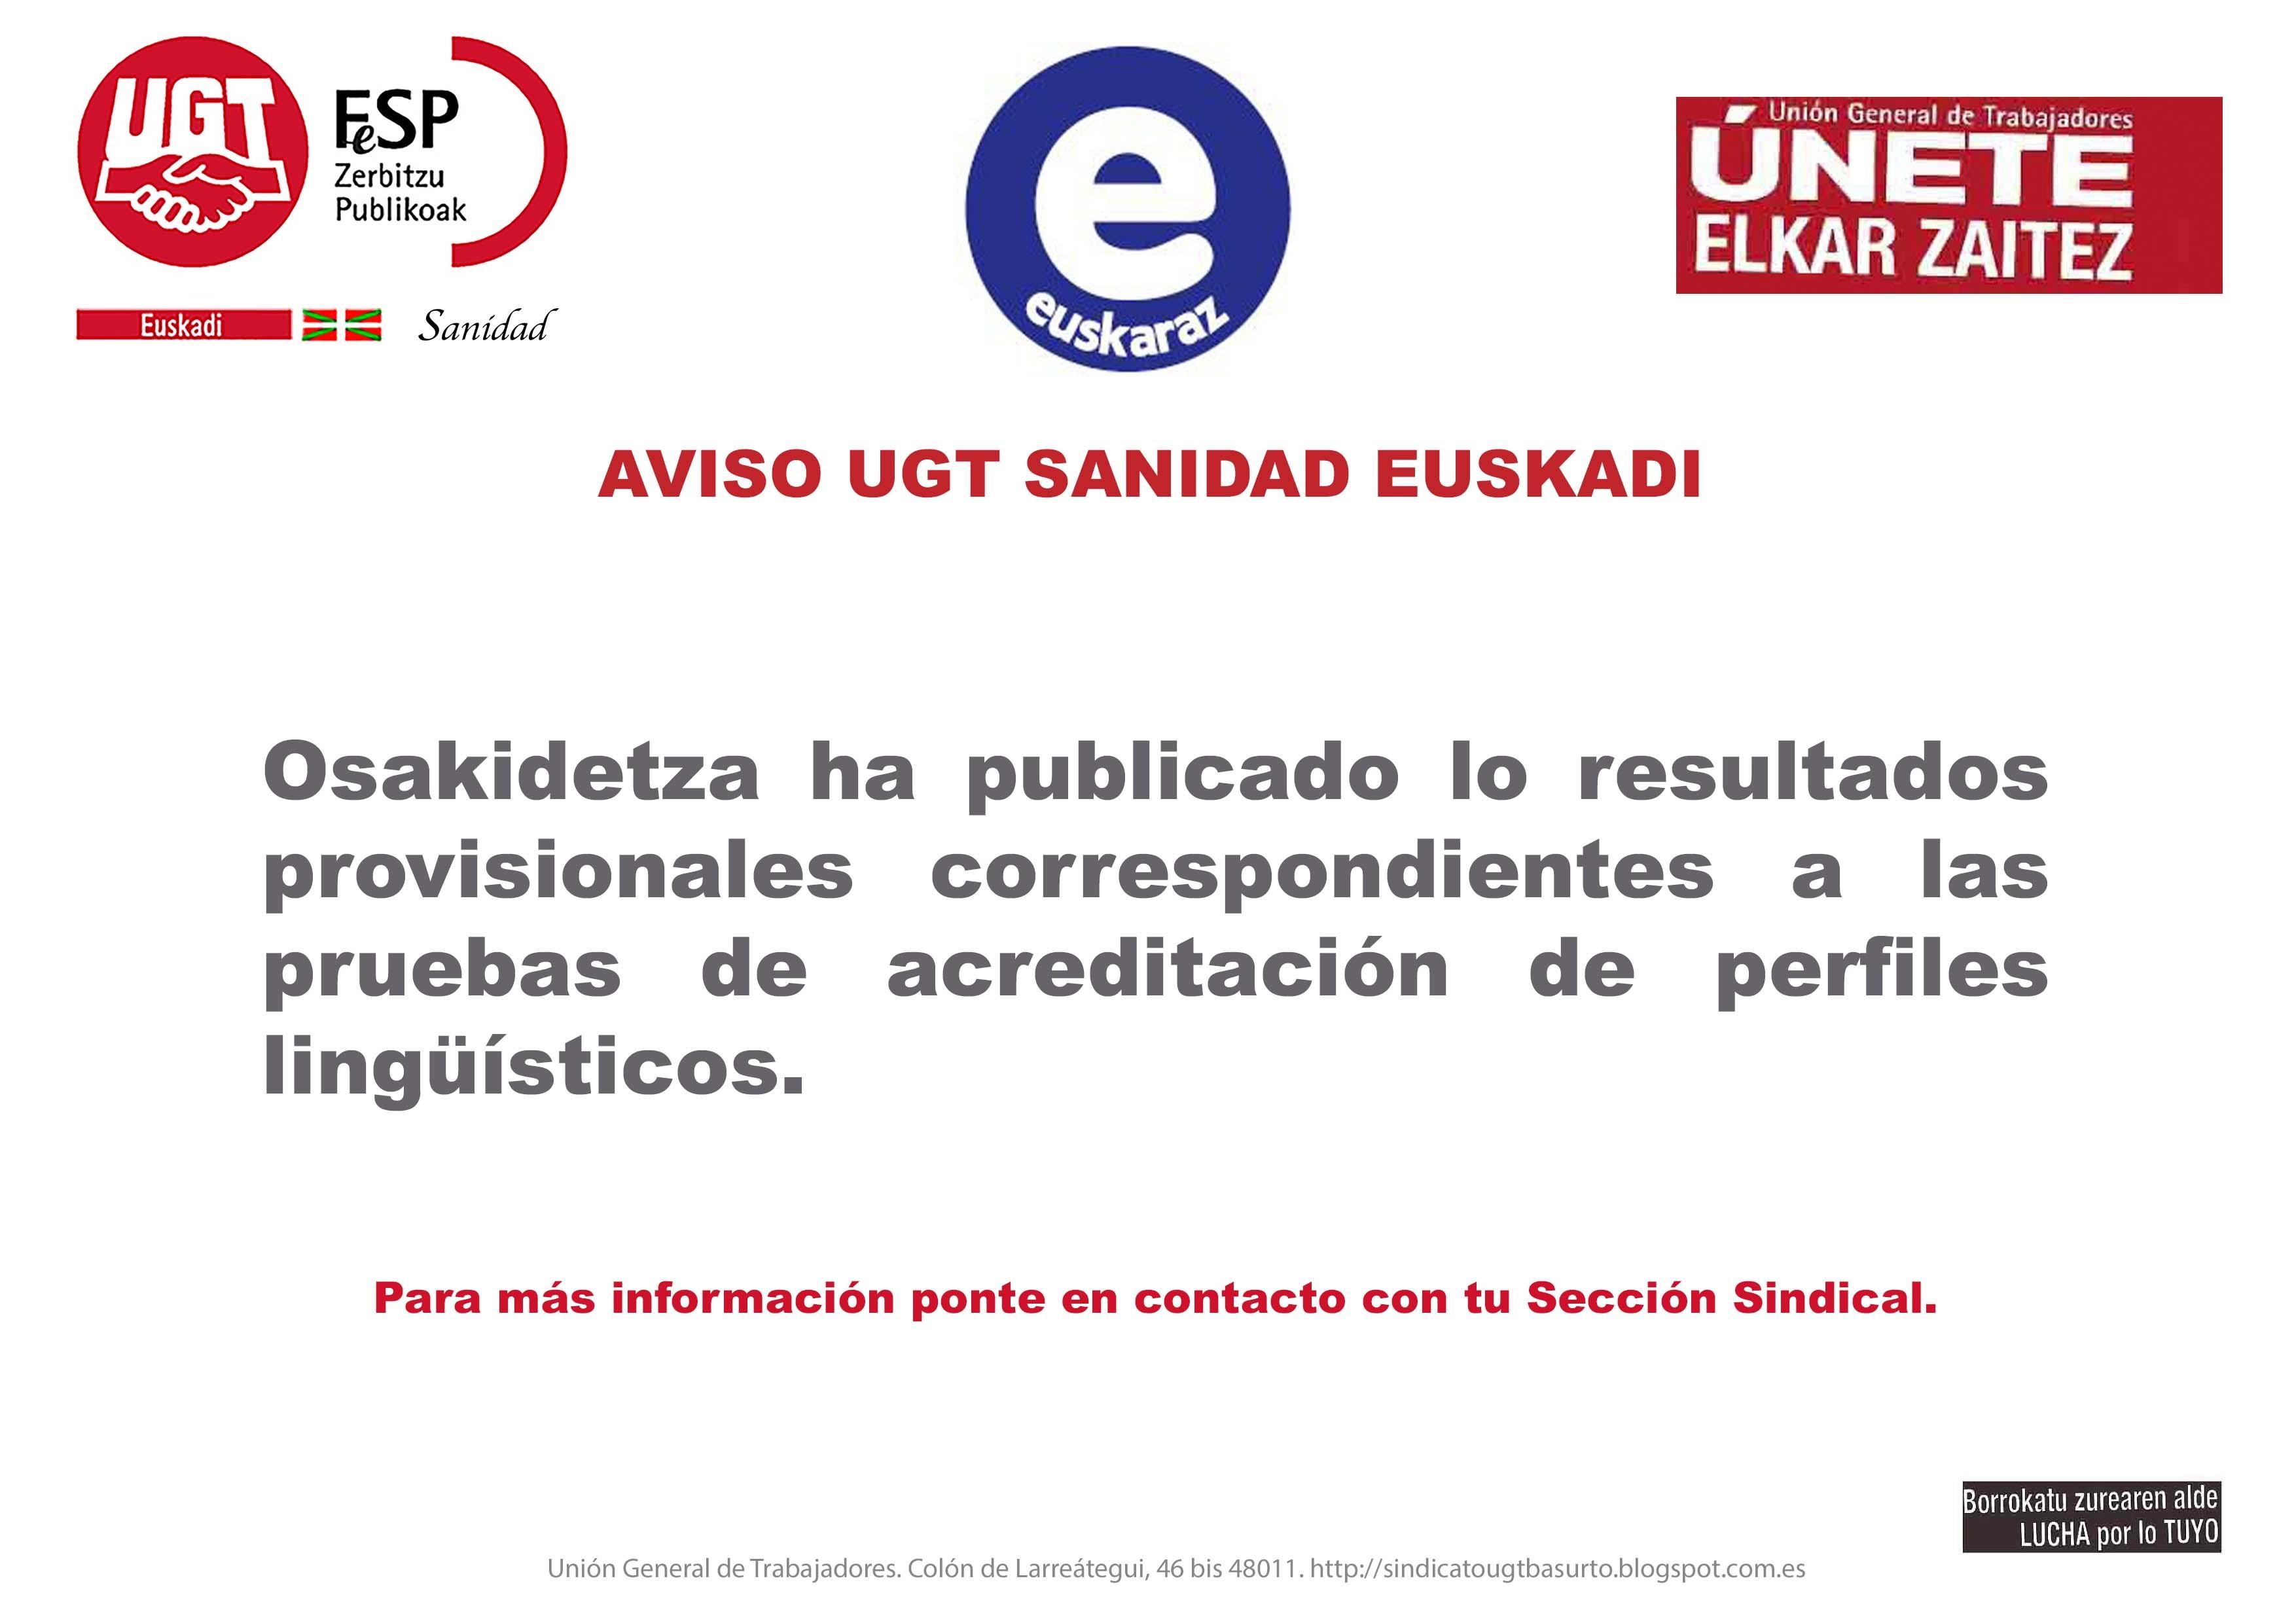 Osakidetza ha publicado lo resultados provisionales correspon ntes a las pruebas de acreditaci³n de perfiles lingüsticos